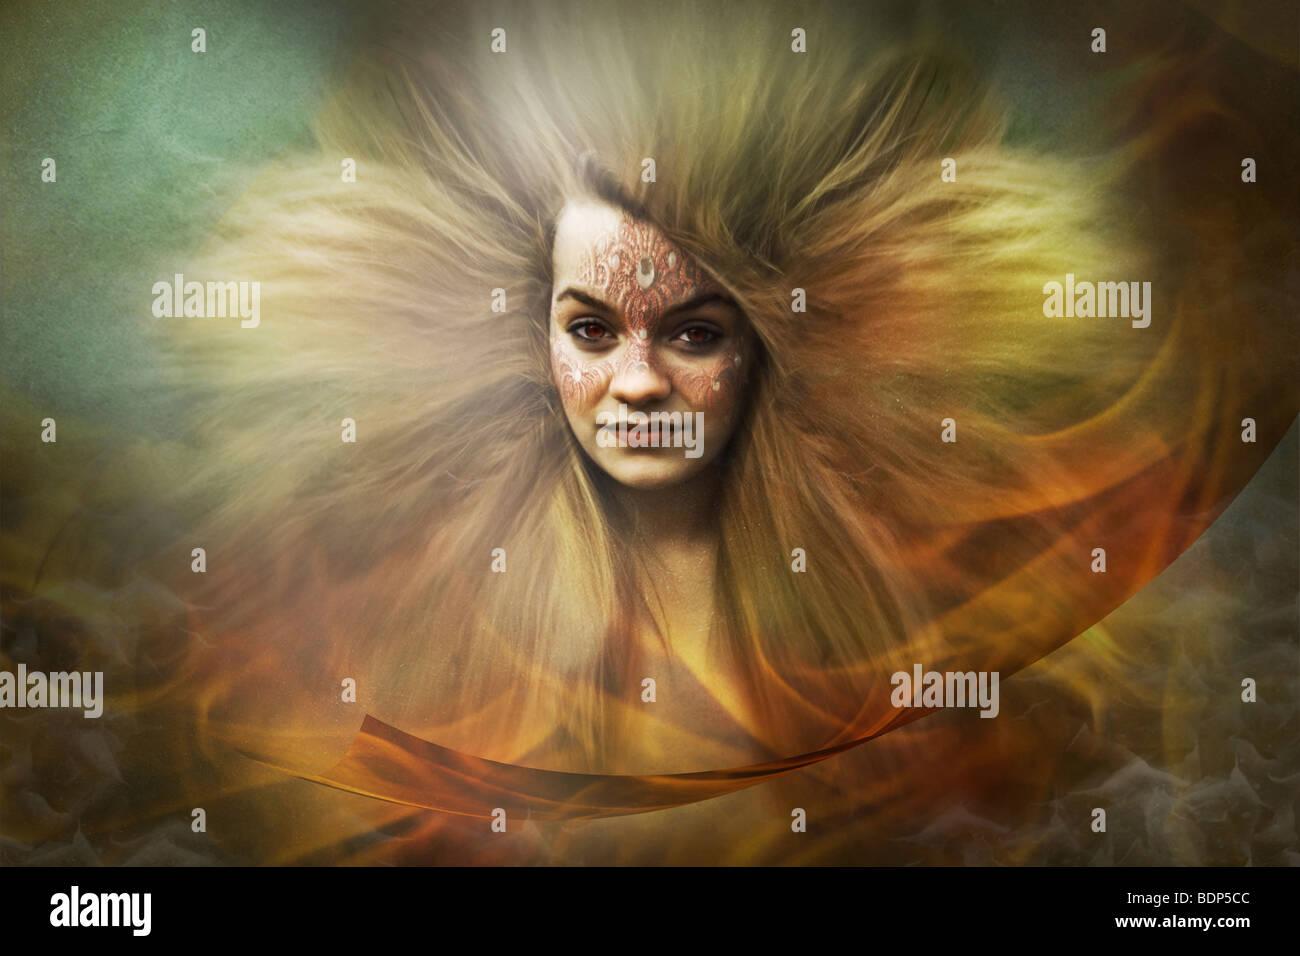 Imagen de fantasía de una mujer con una máscara y melena con llamas a su alrededor. Imagen De Stock